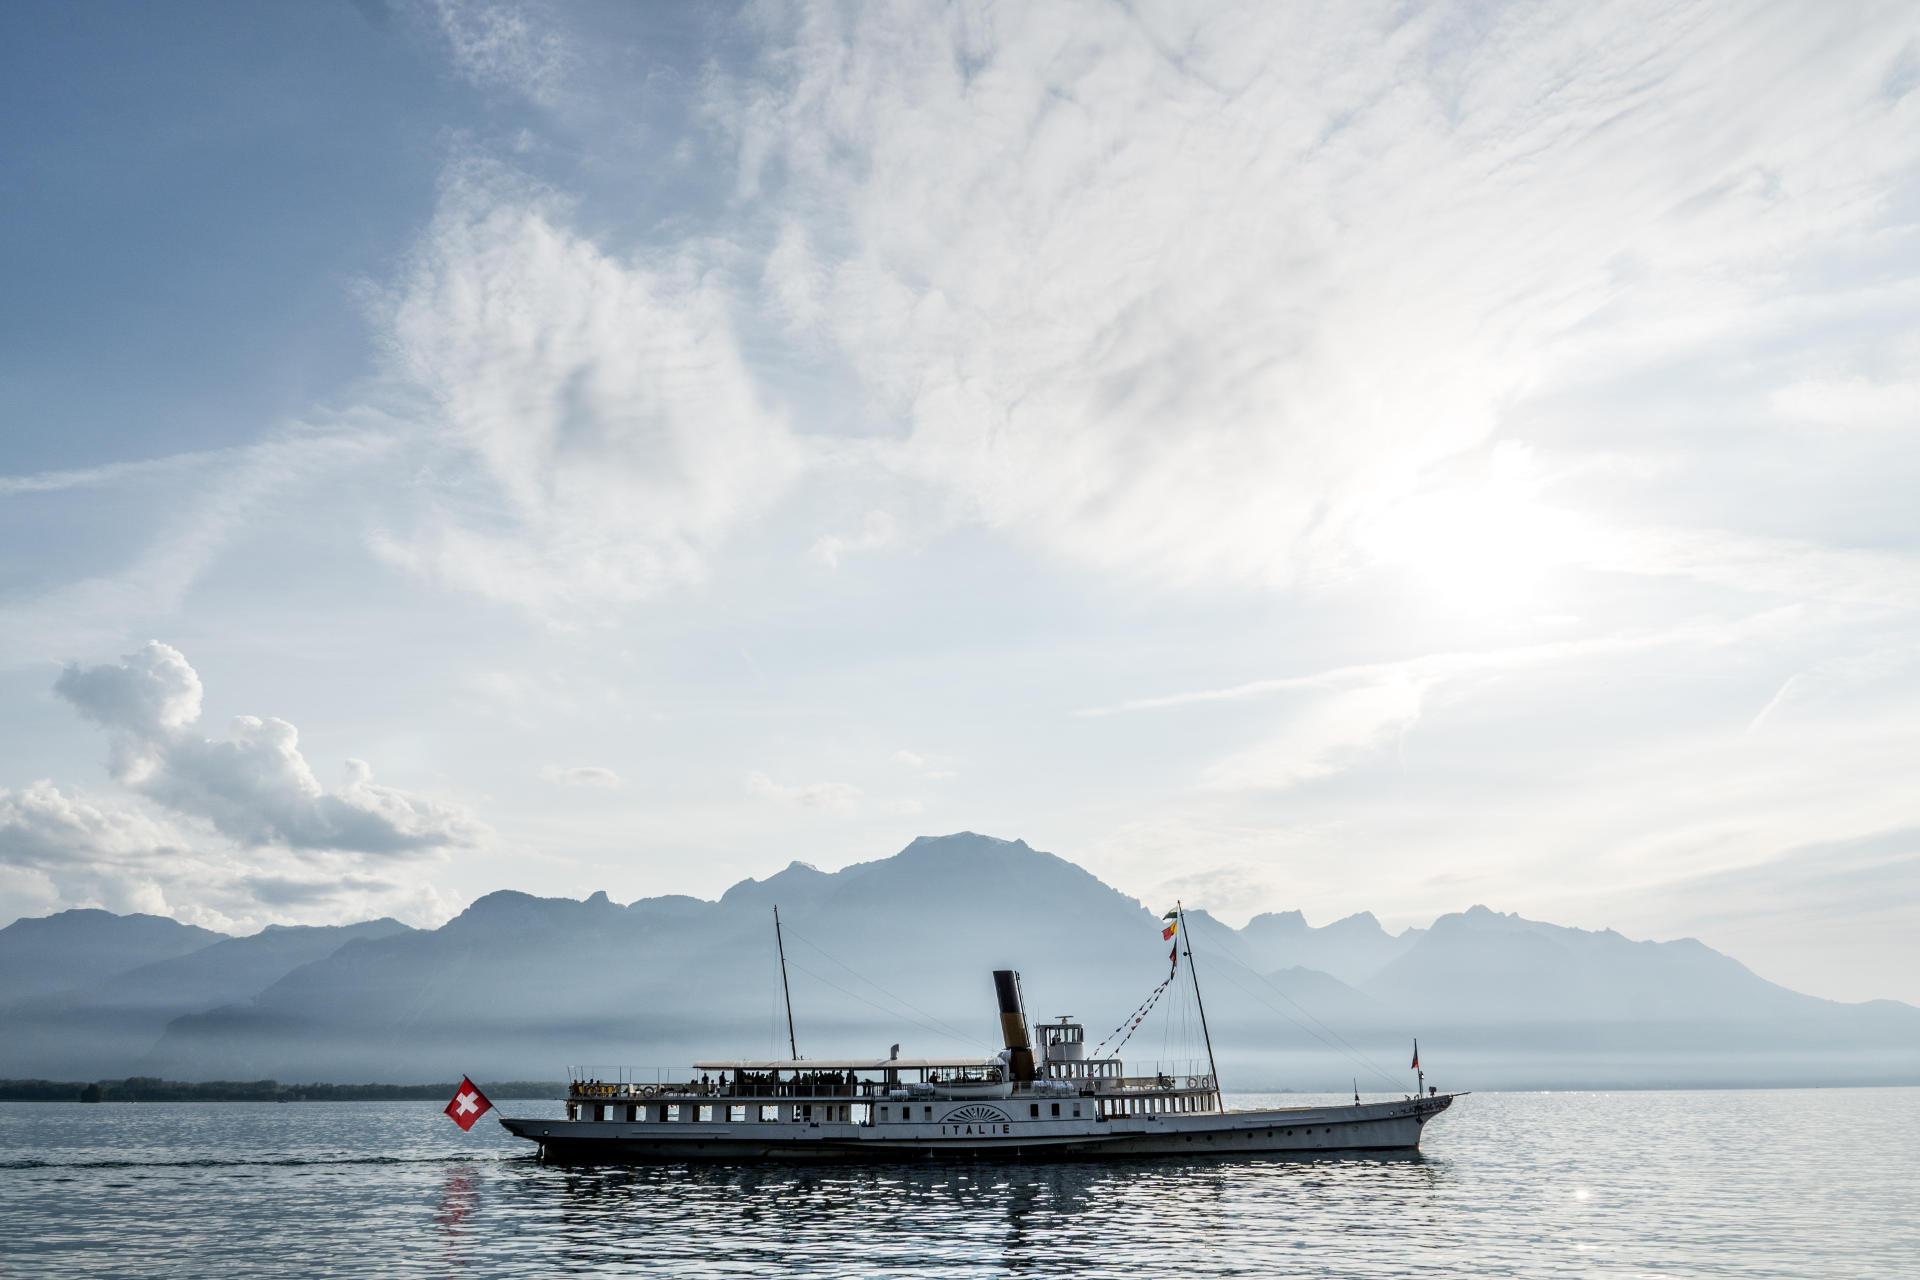 offre spéciale prolongez séjour Genève payez moins